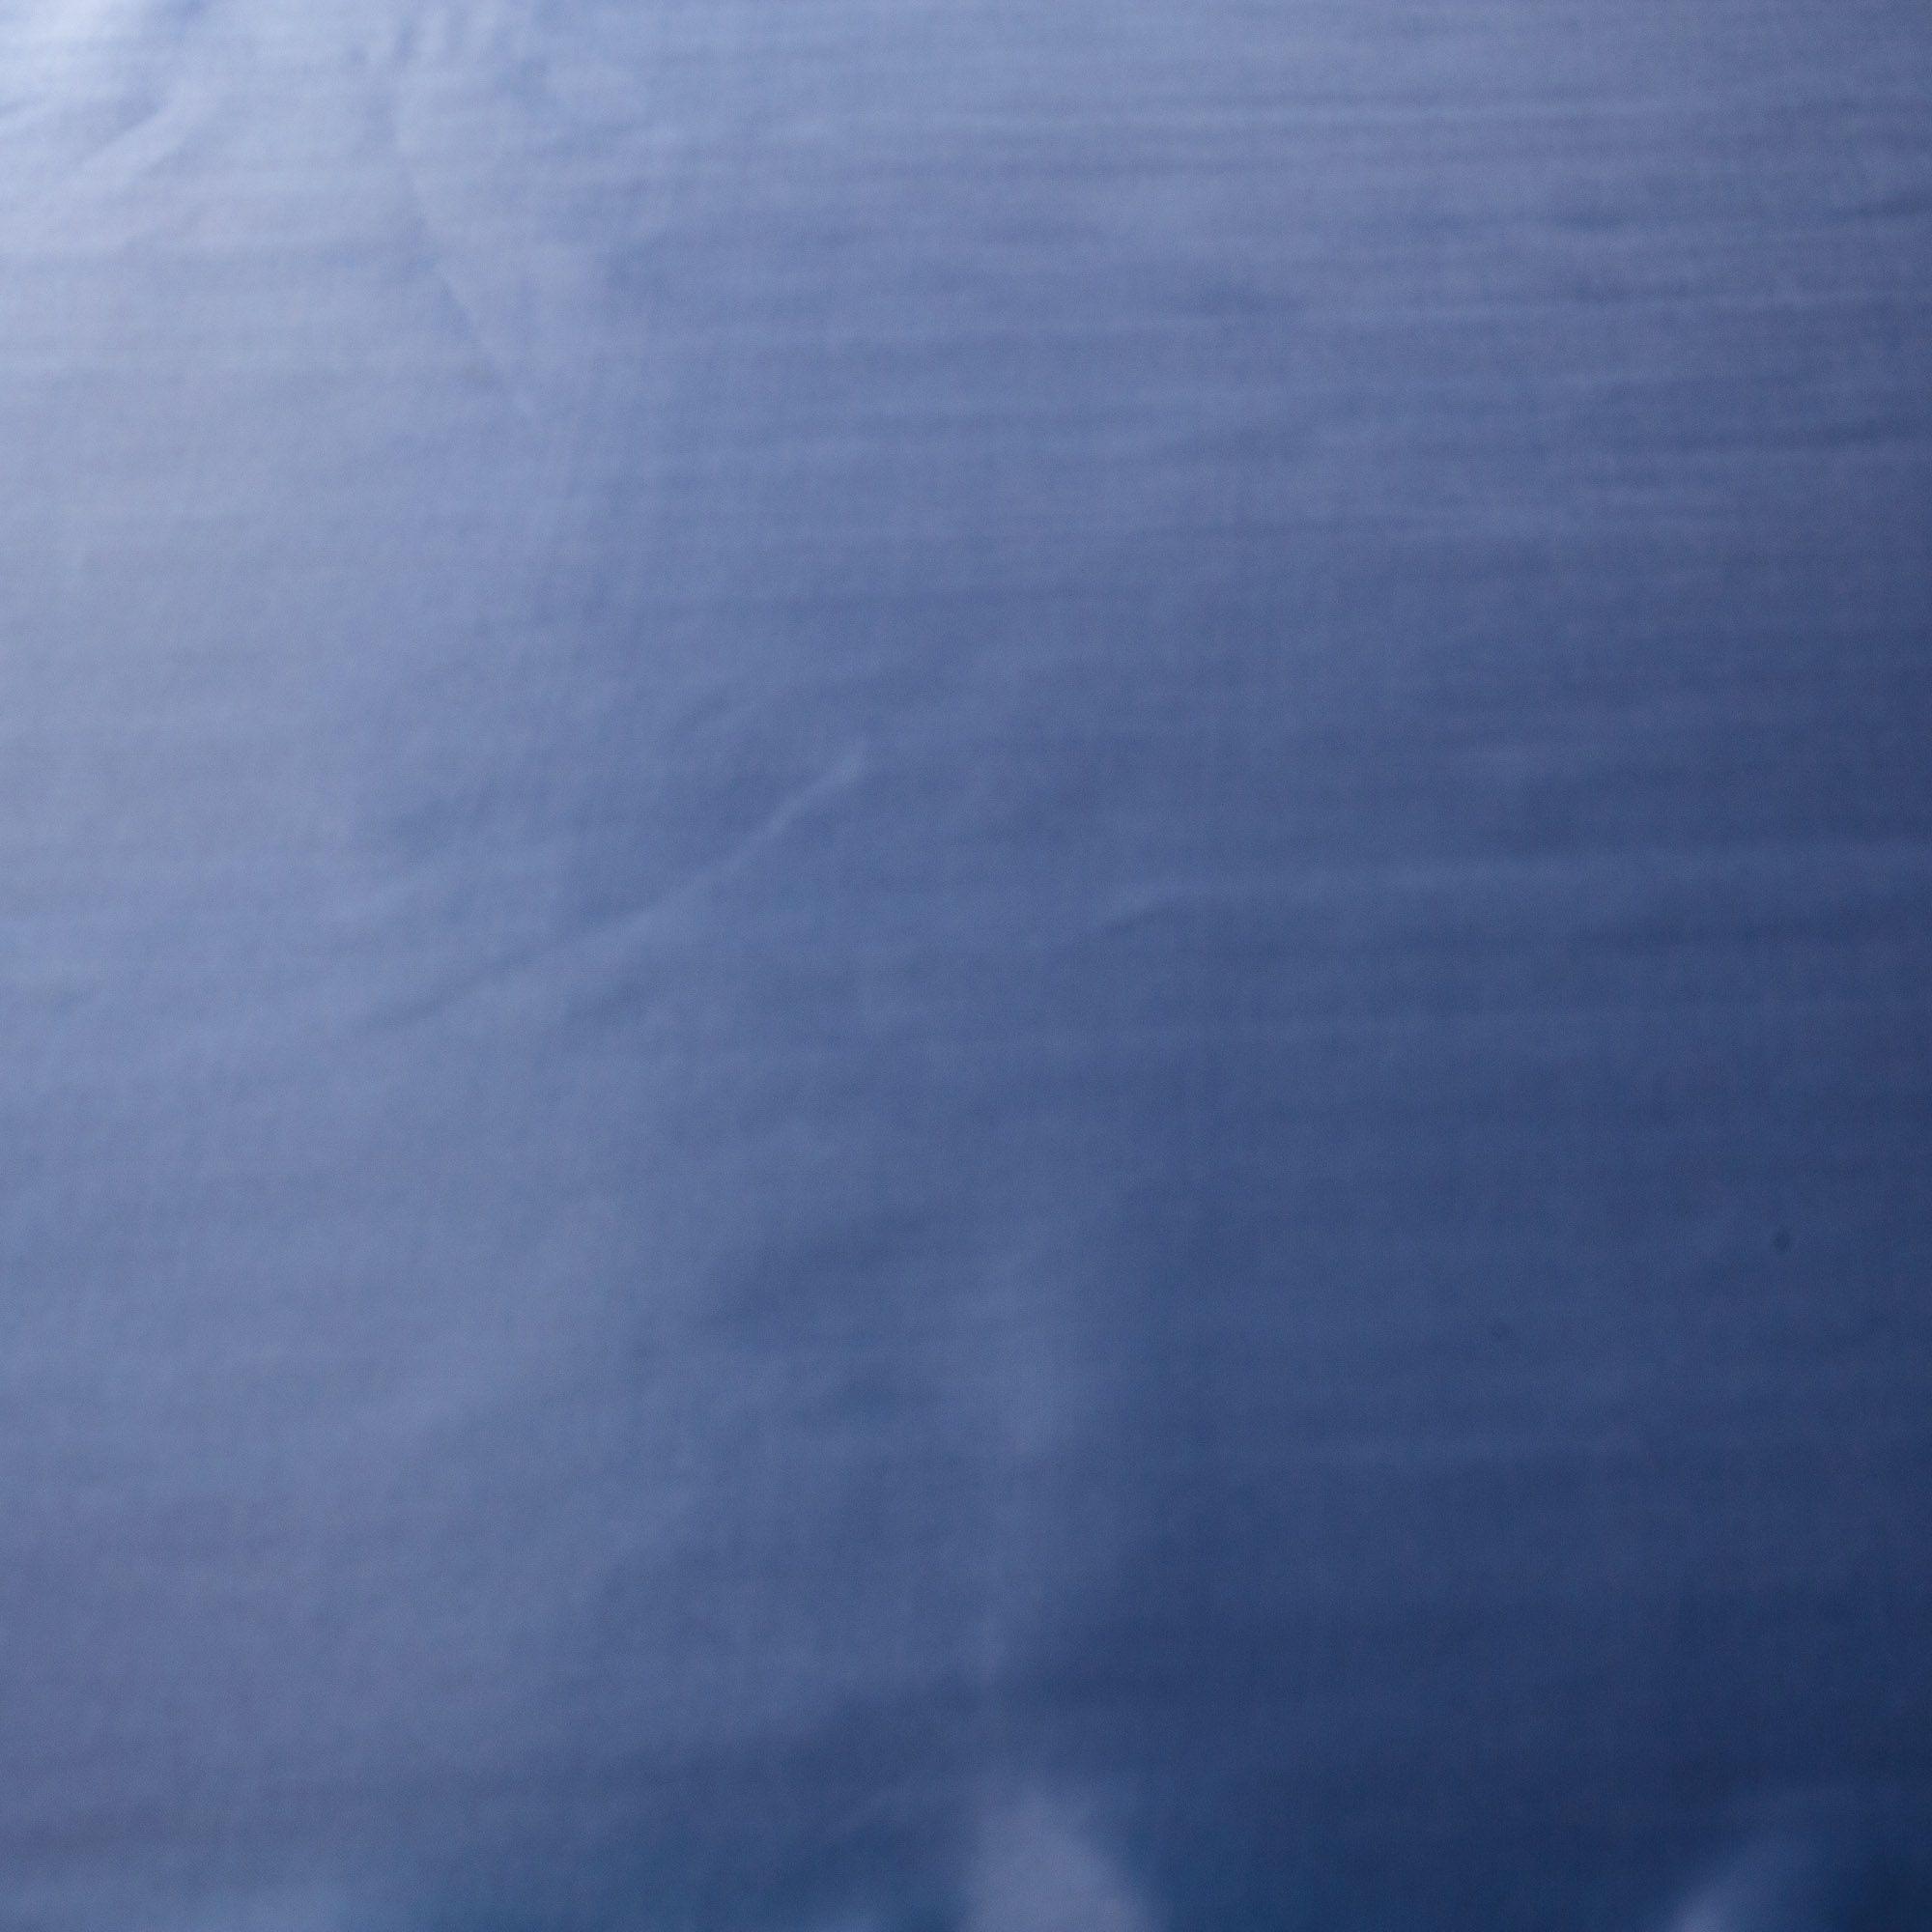 Tecido Bember Azul Royal 100% Poliester 1,50 m Largura